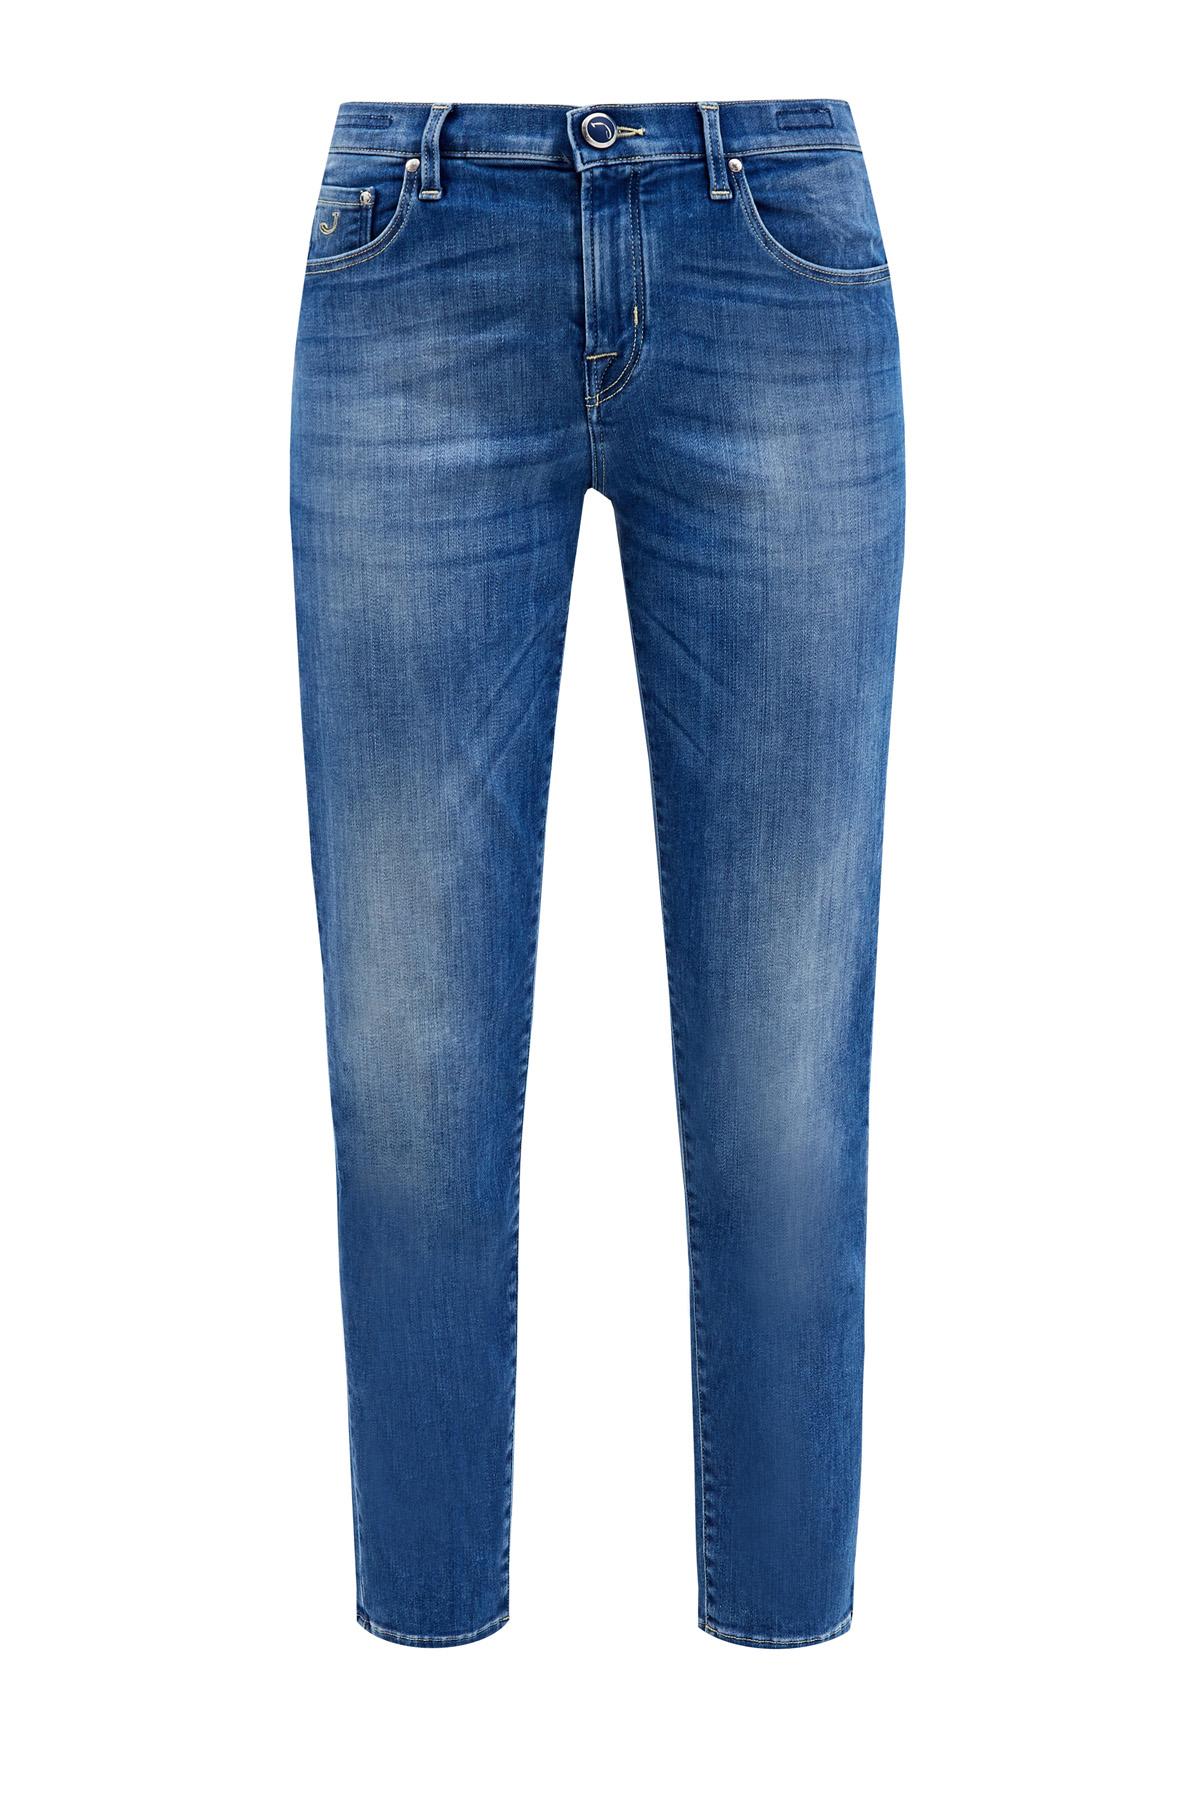 Прямые джинсы кроя Kimberly с выбеленным эффектом делаве